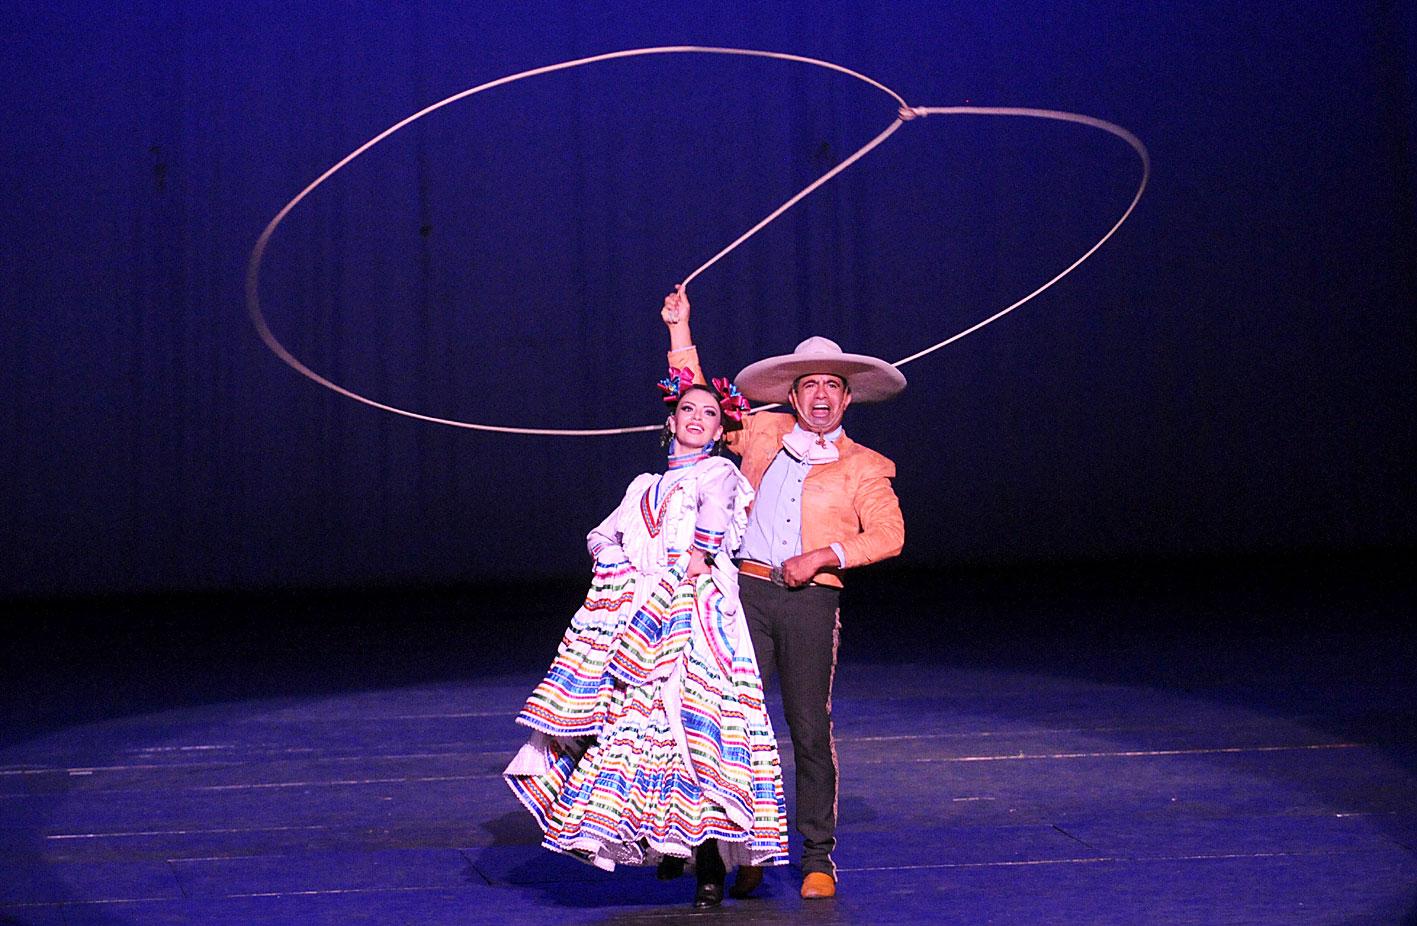 En conferencia de prensa Viviana Basanta, hija de Amalia Hernández y directora artística del Ballet Folklórico de México, y Salvador López, director general. Foto: Arturo López / Secretaría de Cultura